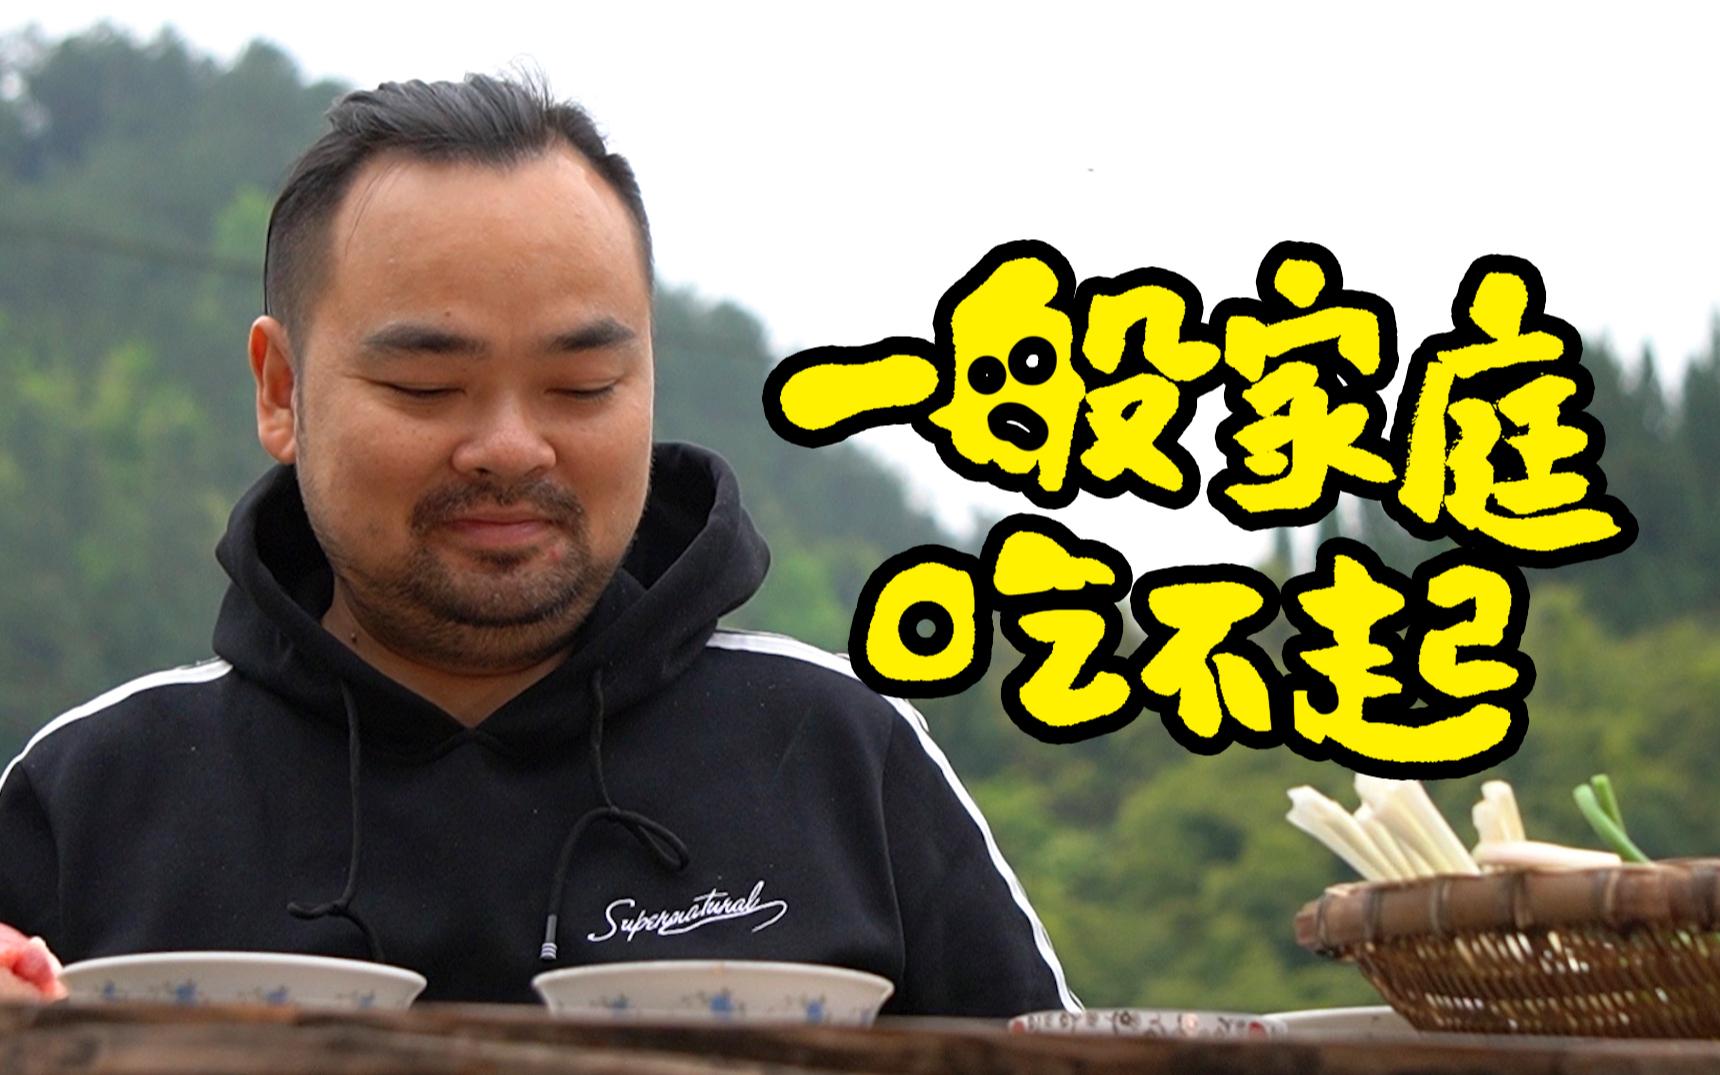 胖胖的山头『勒不是一般家庭吃得起的』